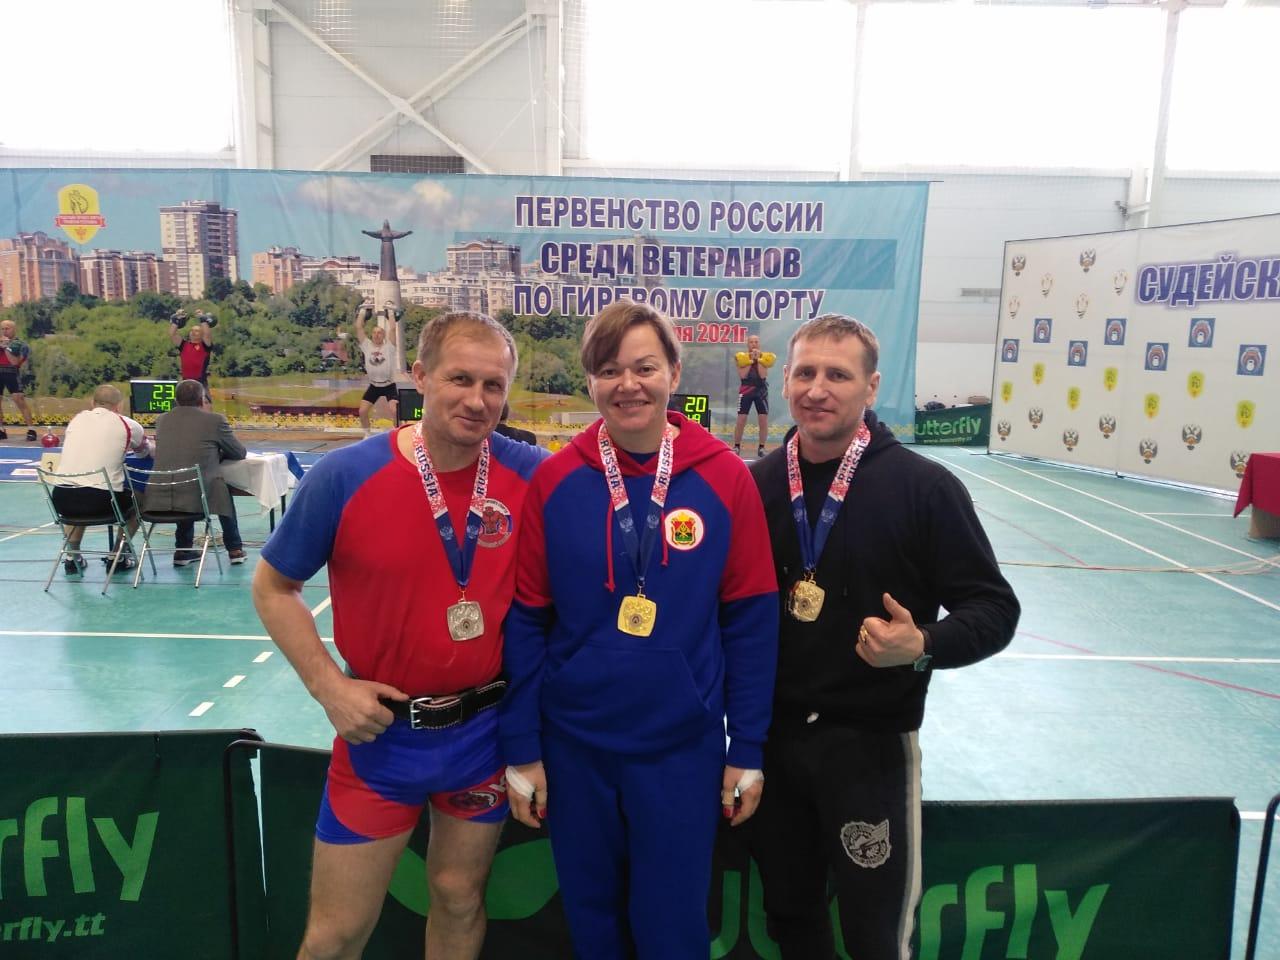 Первенство России среди ветеранов по гиревому спорту